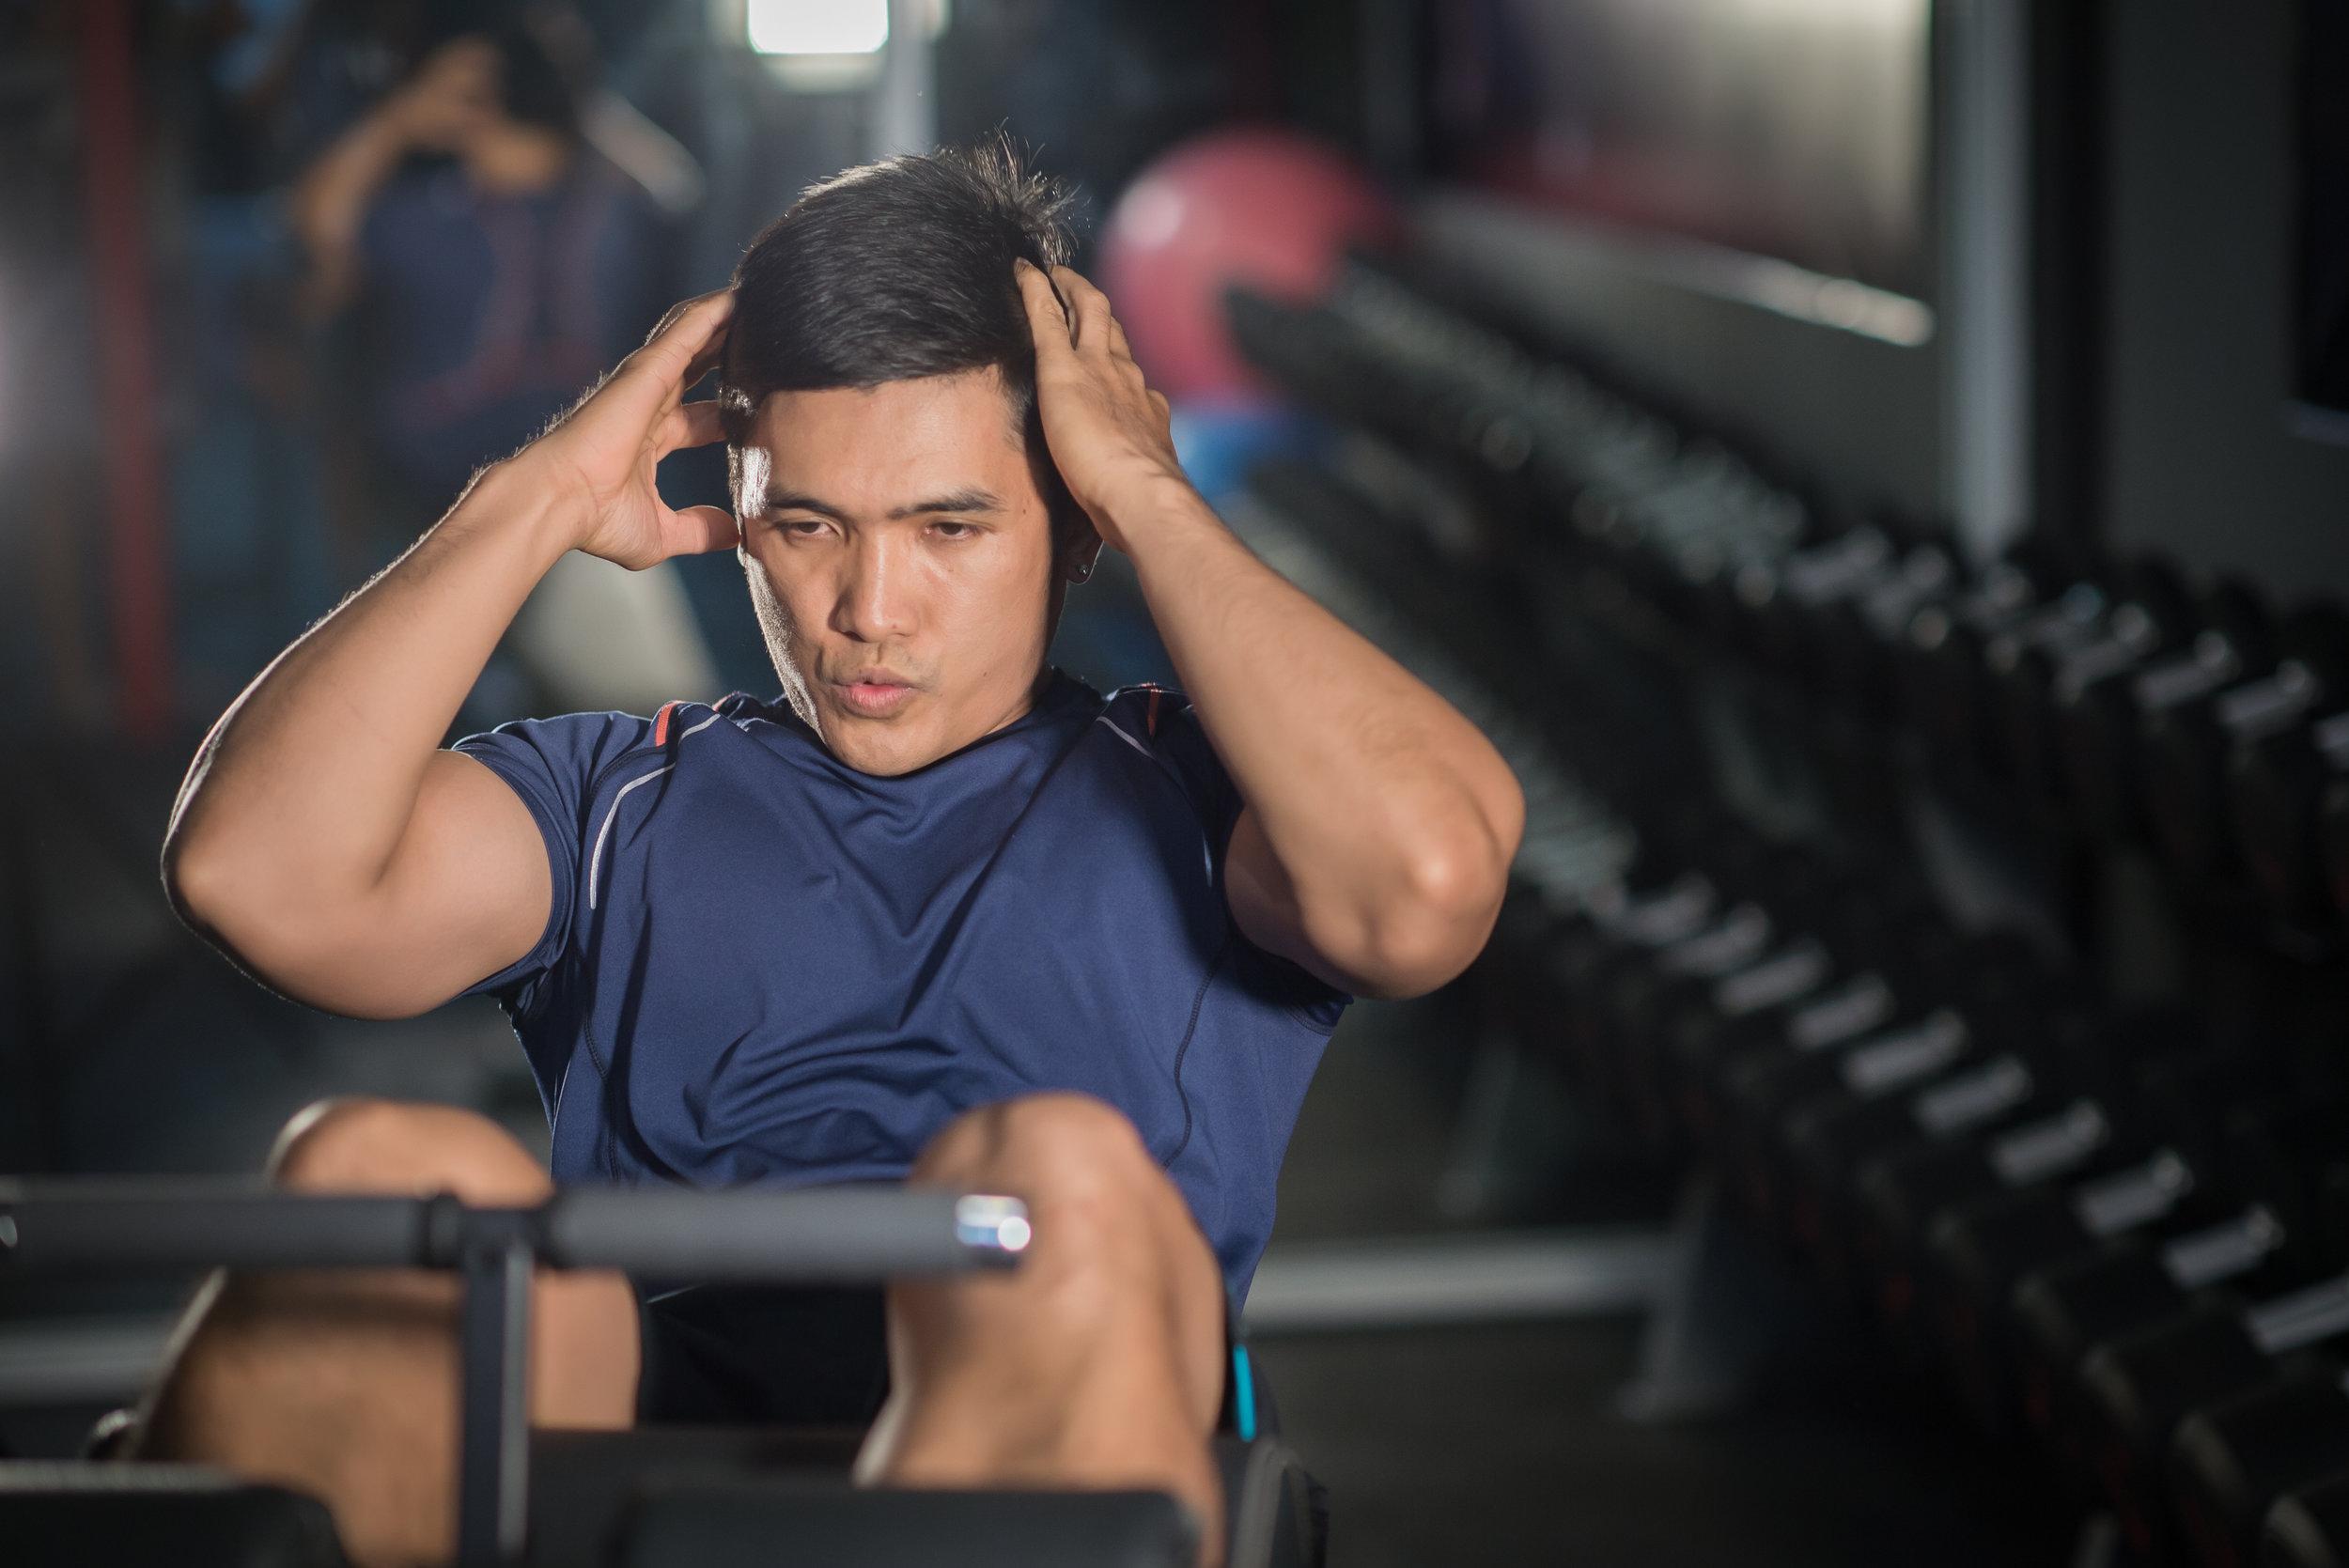 pierderea în greutate când opriți alăptarea modalități de a menține pierderea în greutate